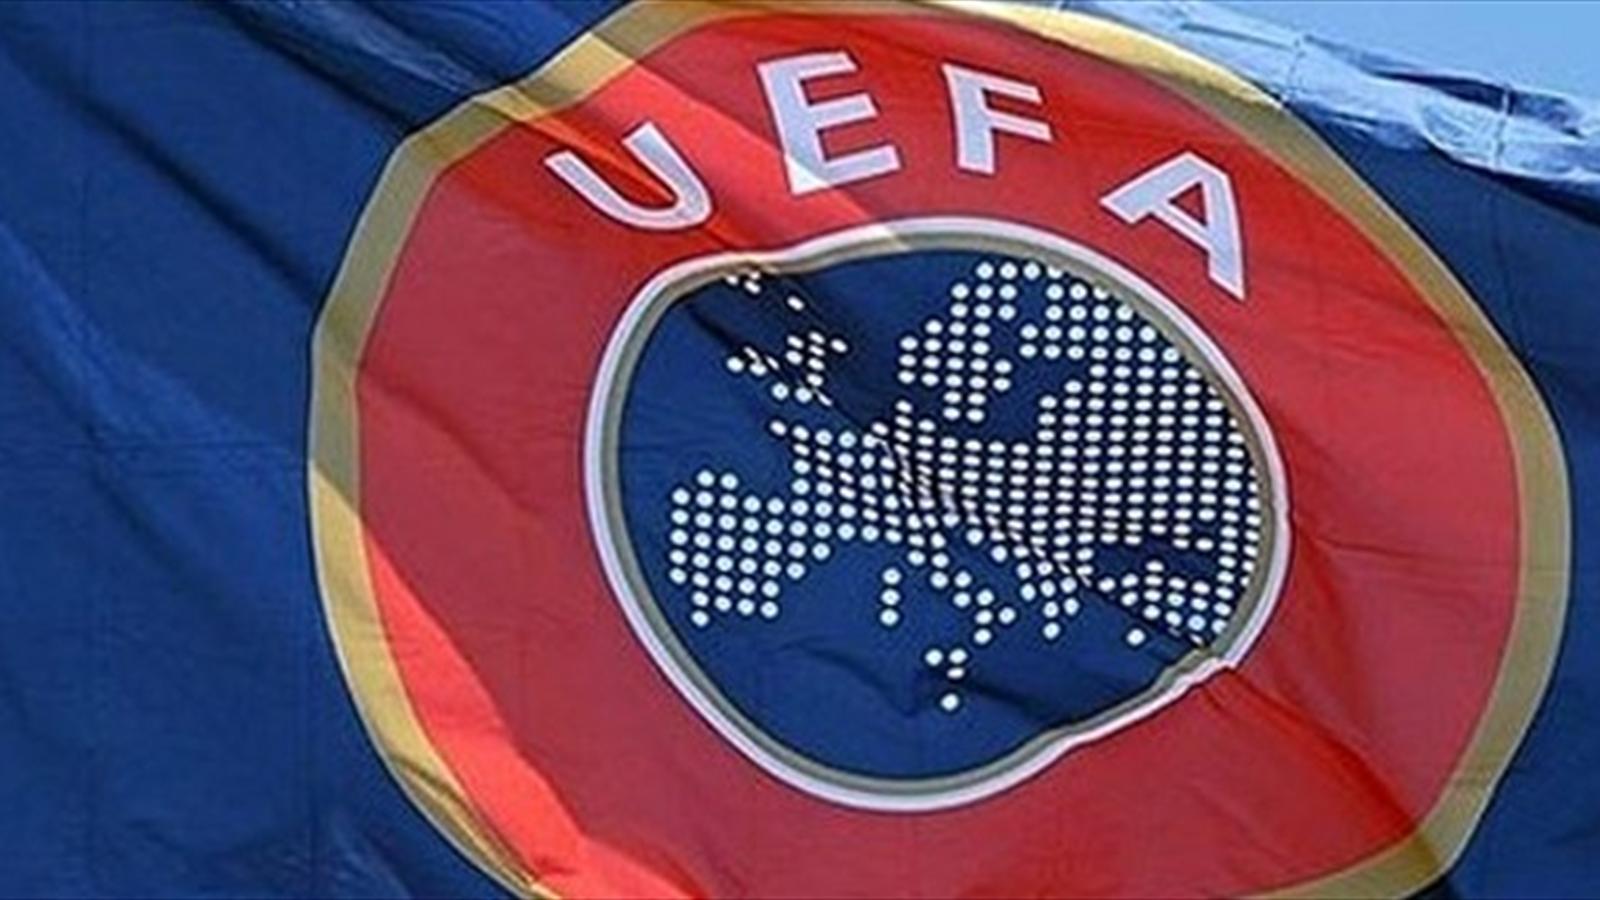 Le souci du PSG avec l'UEFA vient notamment d'une guerre d'influence au sein de l'ICFC, indique L'Equipe